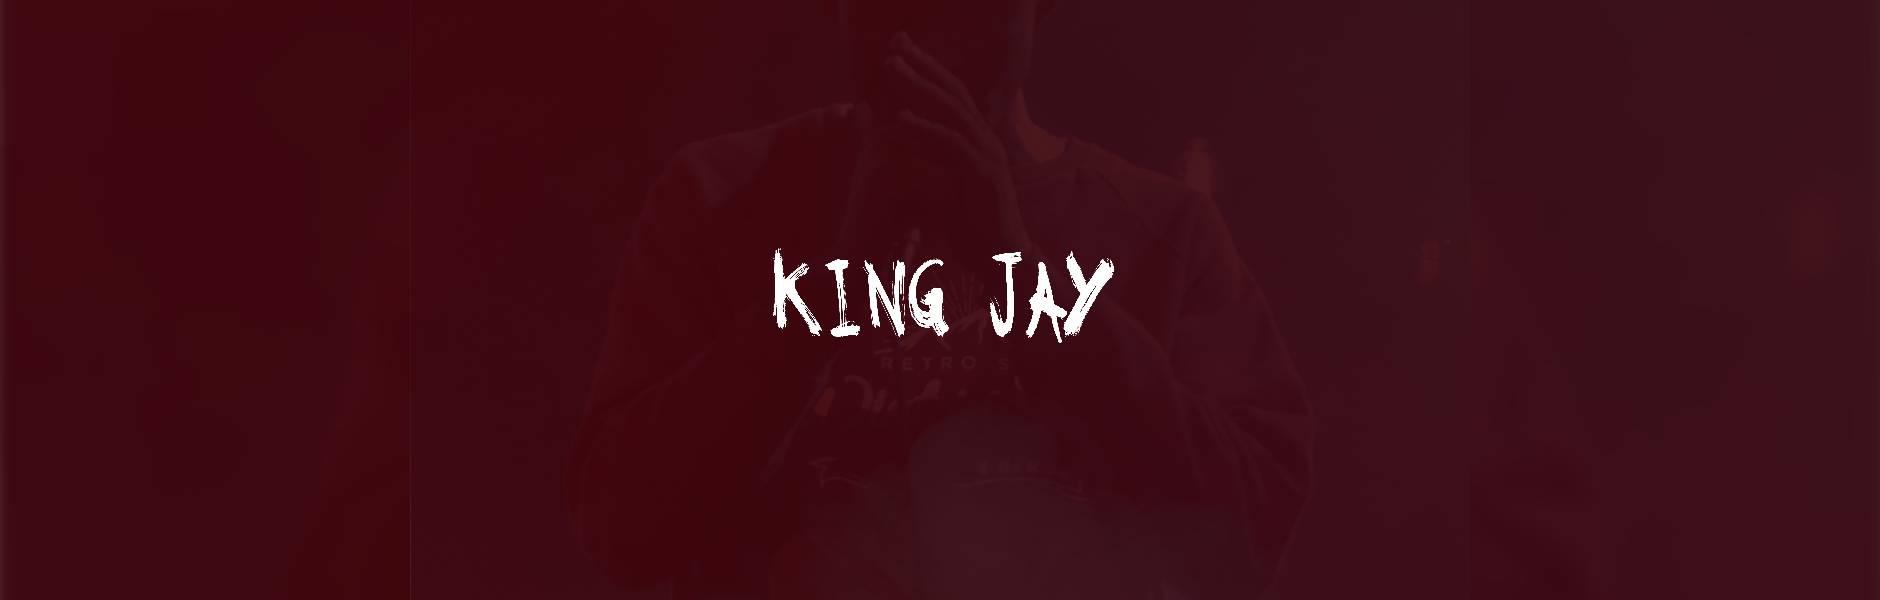 King Jay